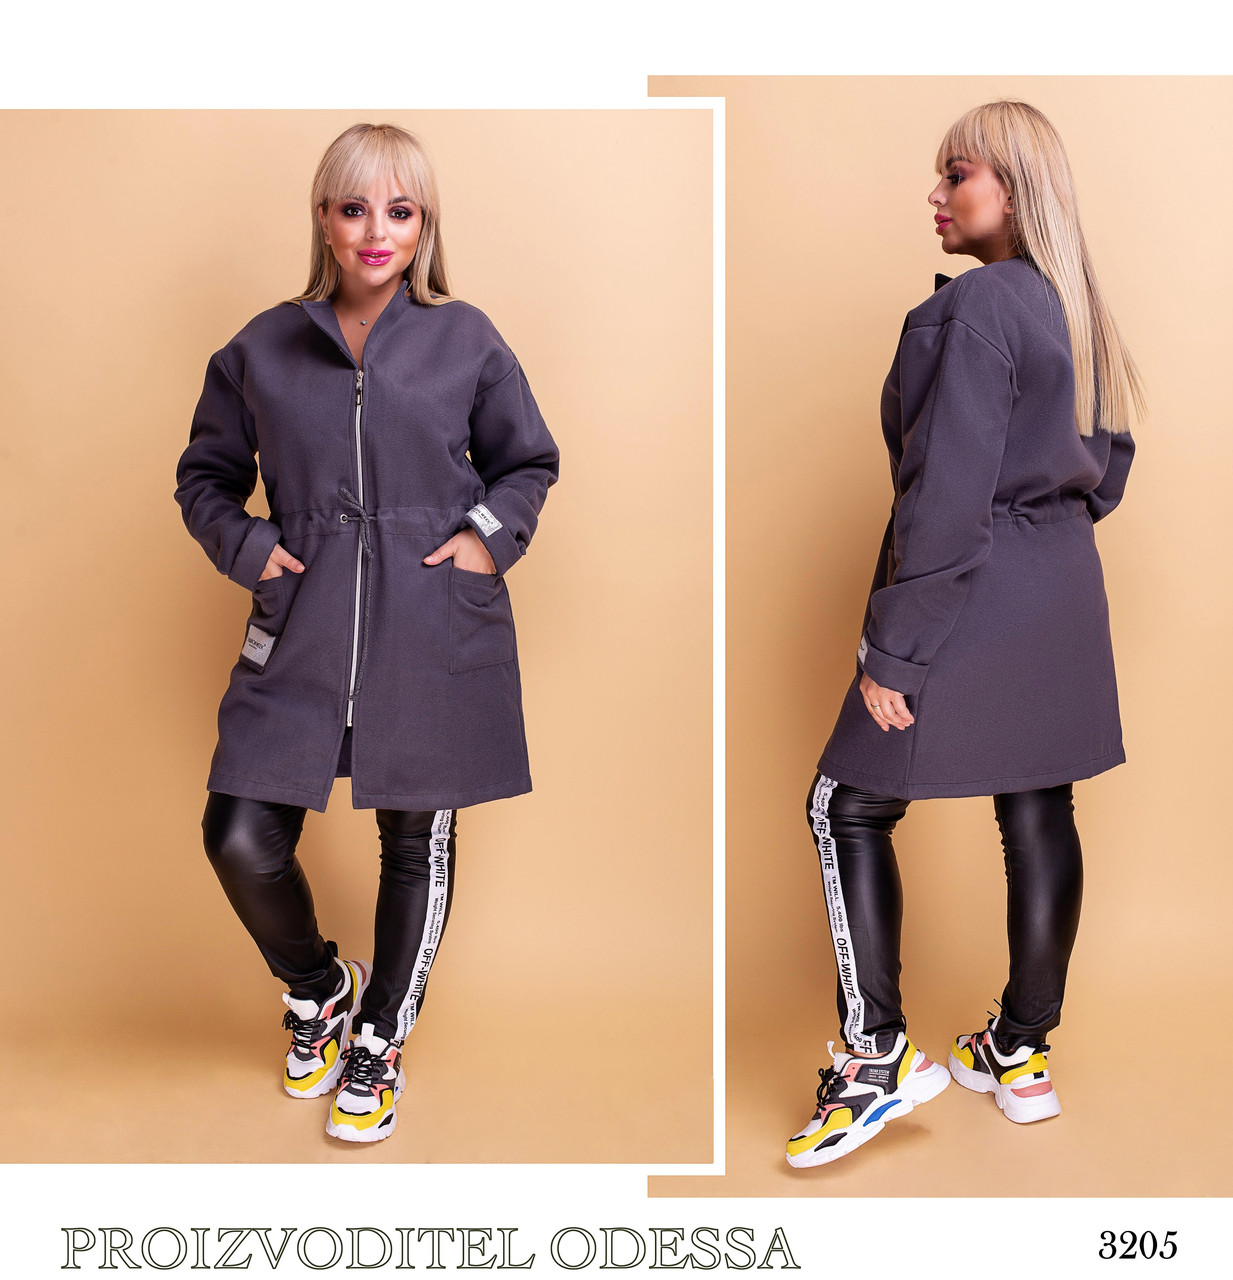 Пальто длинное на пуговицах  кашемир турецкий двусторонний 48-50,52-54,56-58,60-62